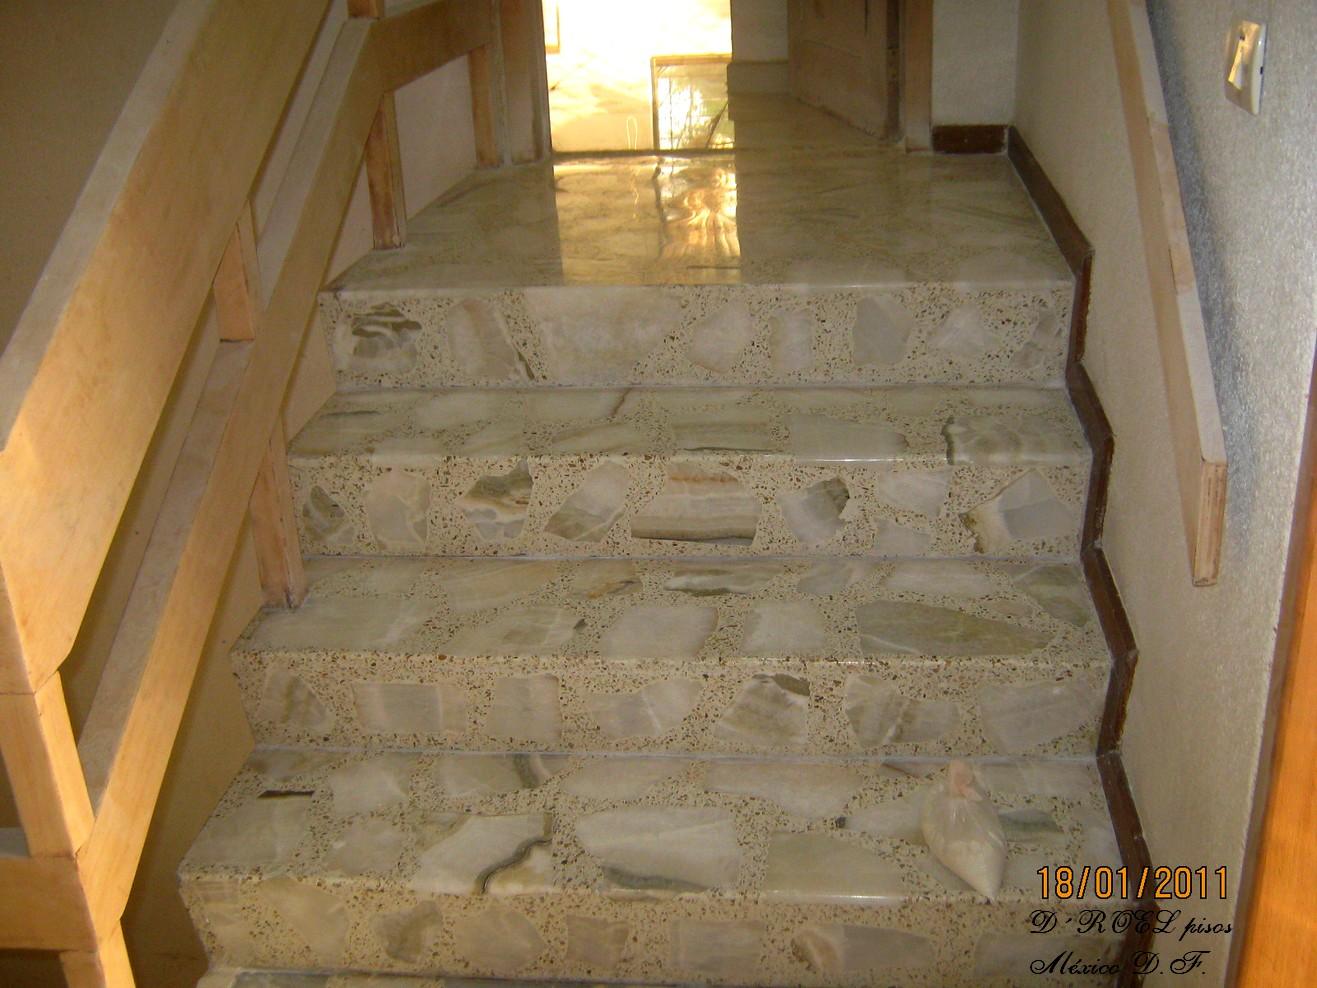 Droelpisosmexico escaleras for Losetas para piso interior